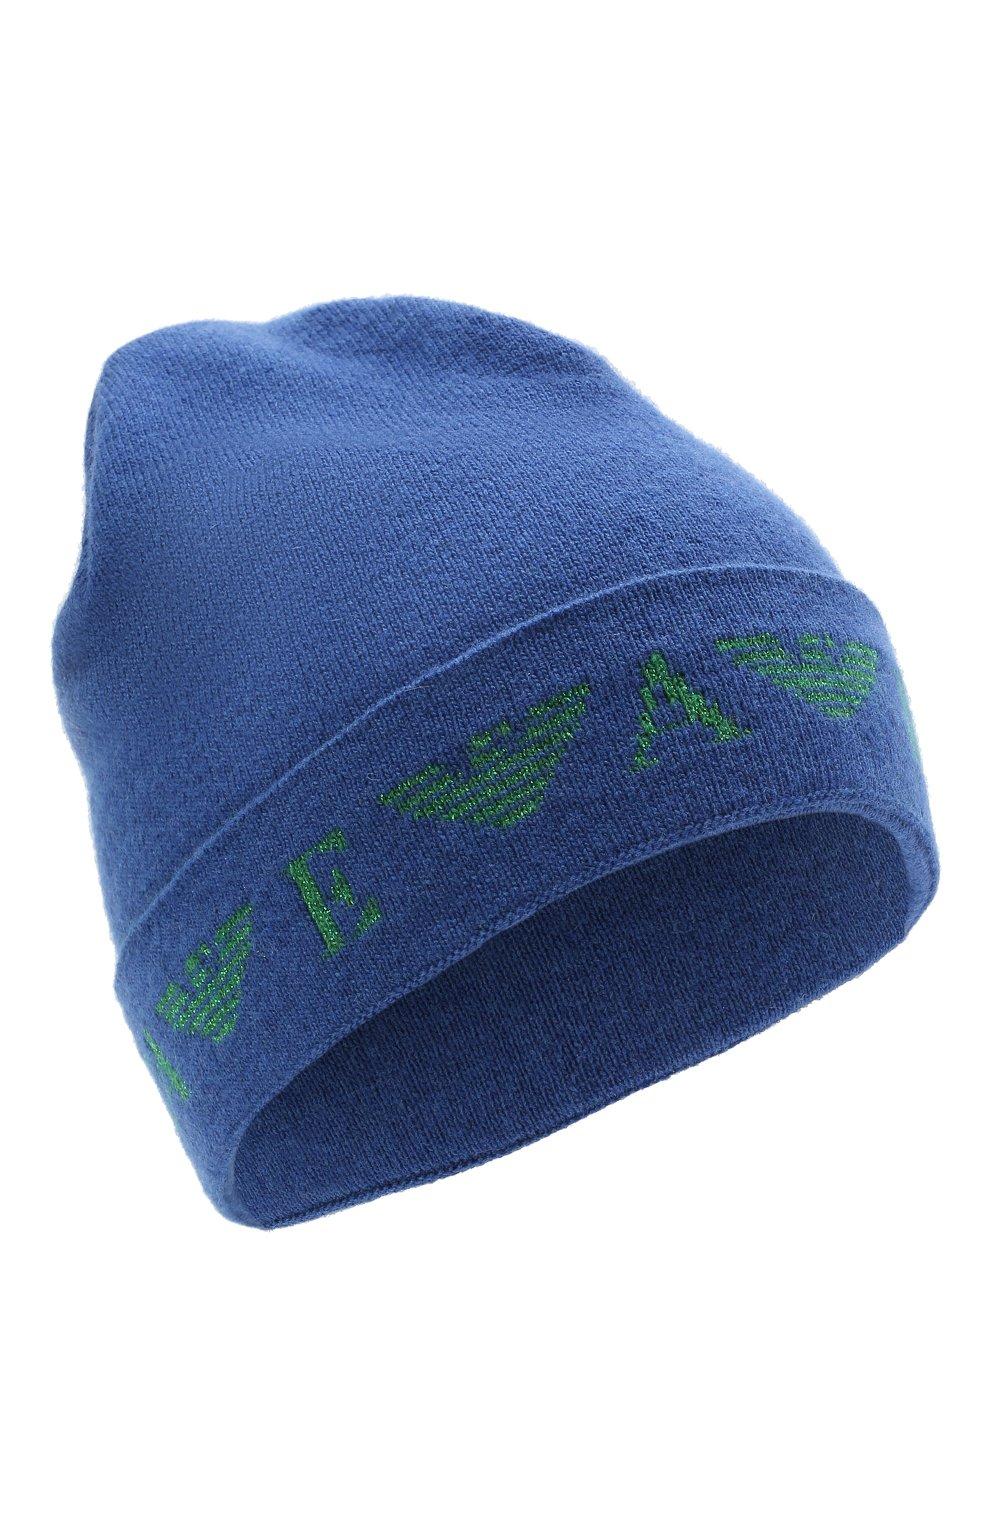 Детского шапка EMPORIO ARMANI синего цвета, арт. 394614/1A761   Фото 1 (Материал: Текстиль, Шерсть, Вискоза, Синтетический материал)